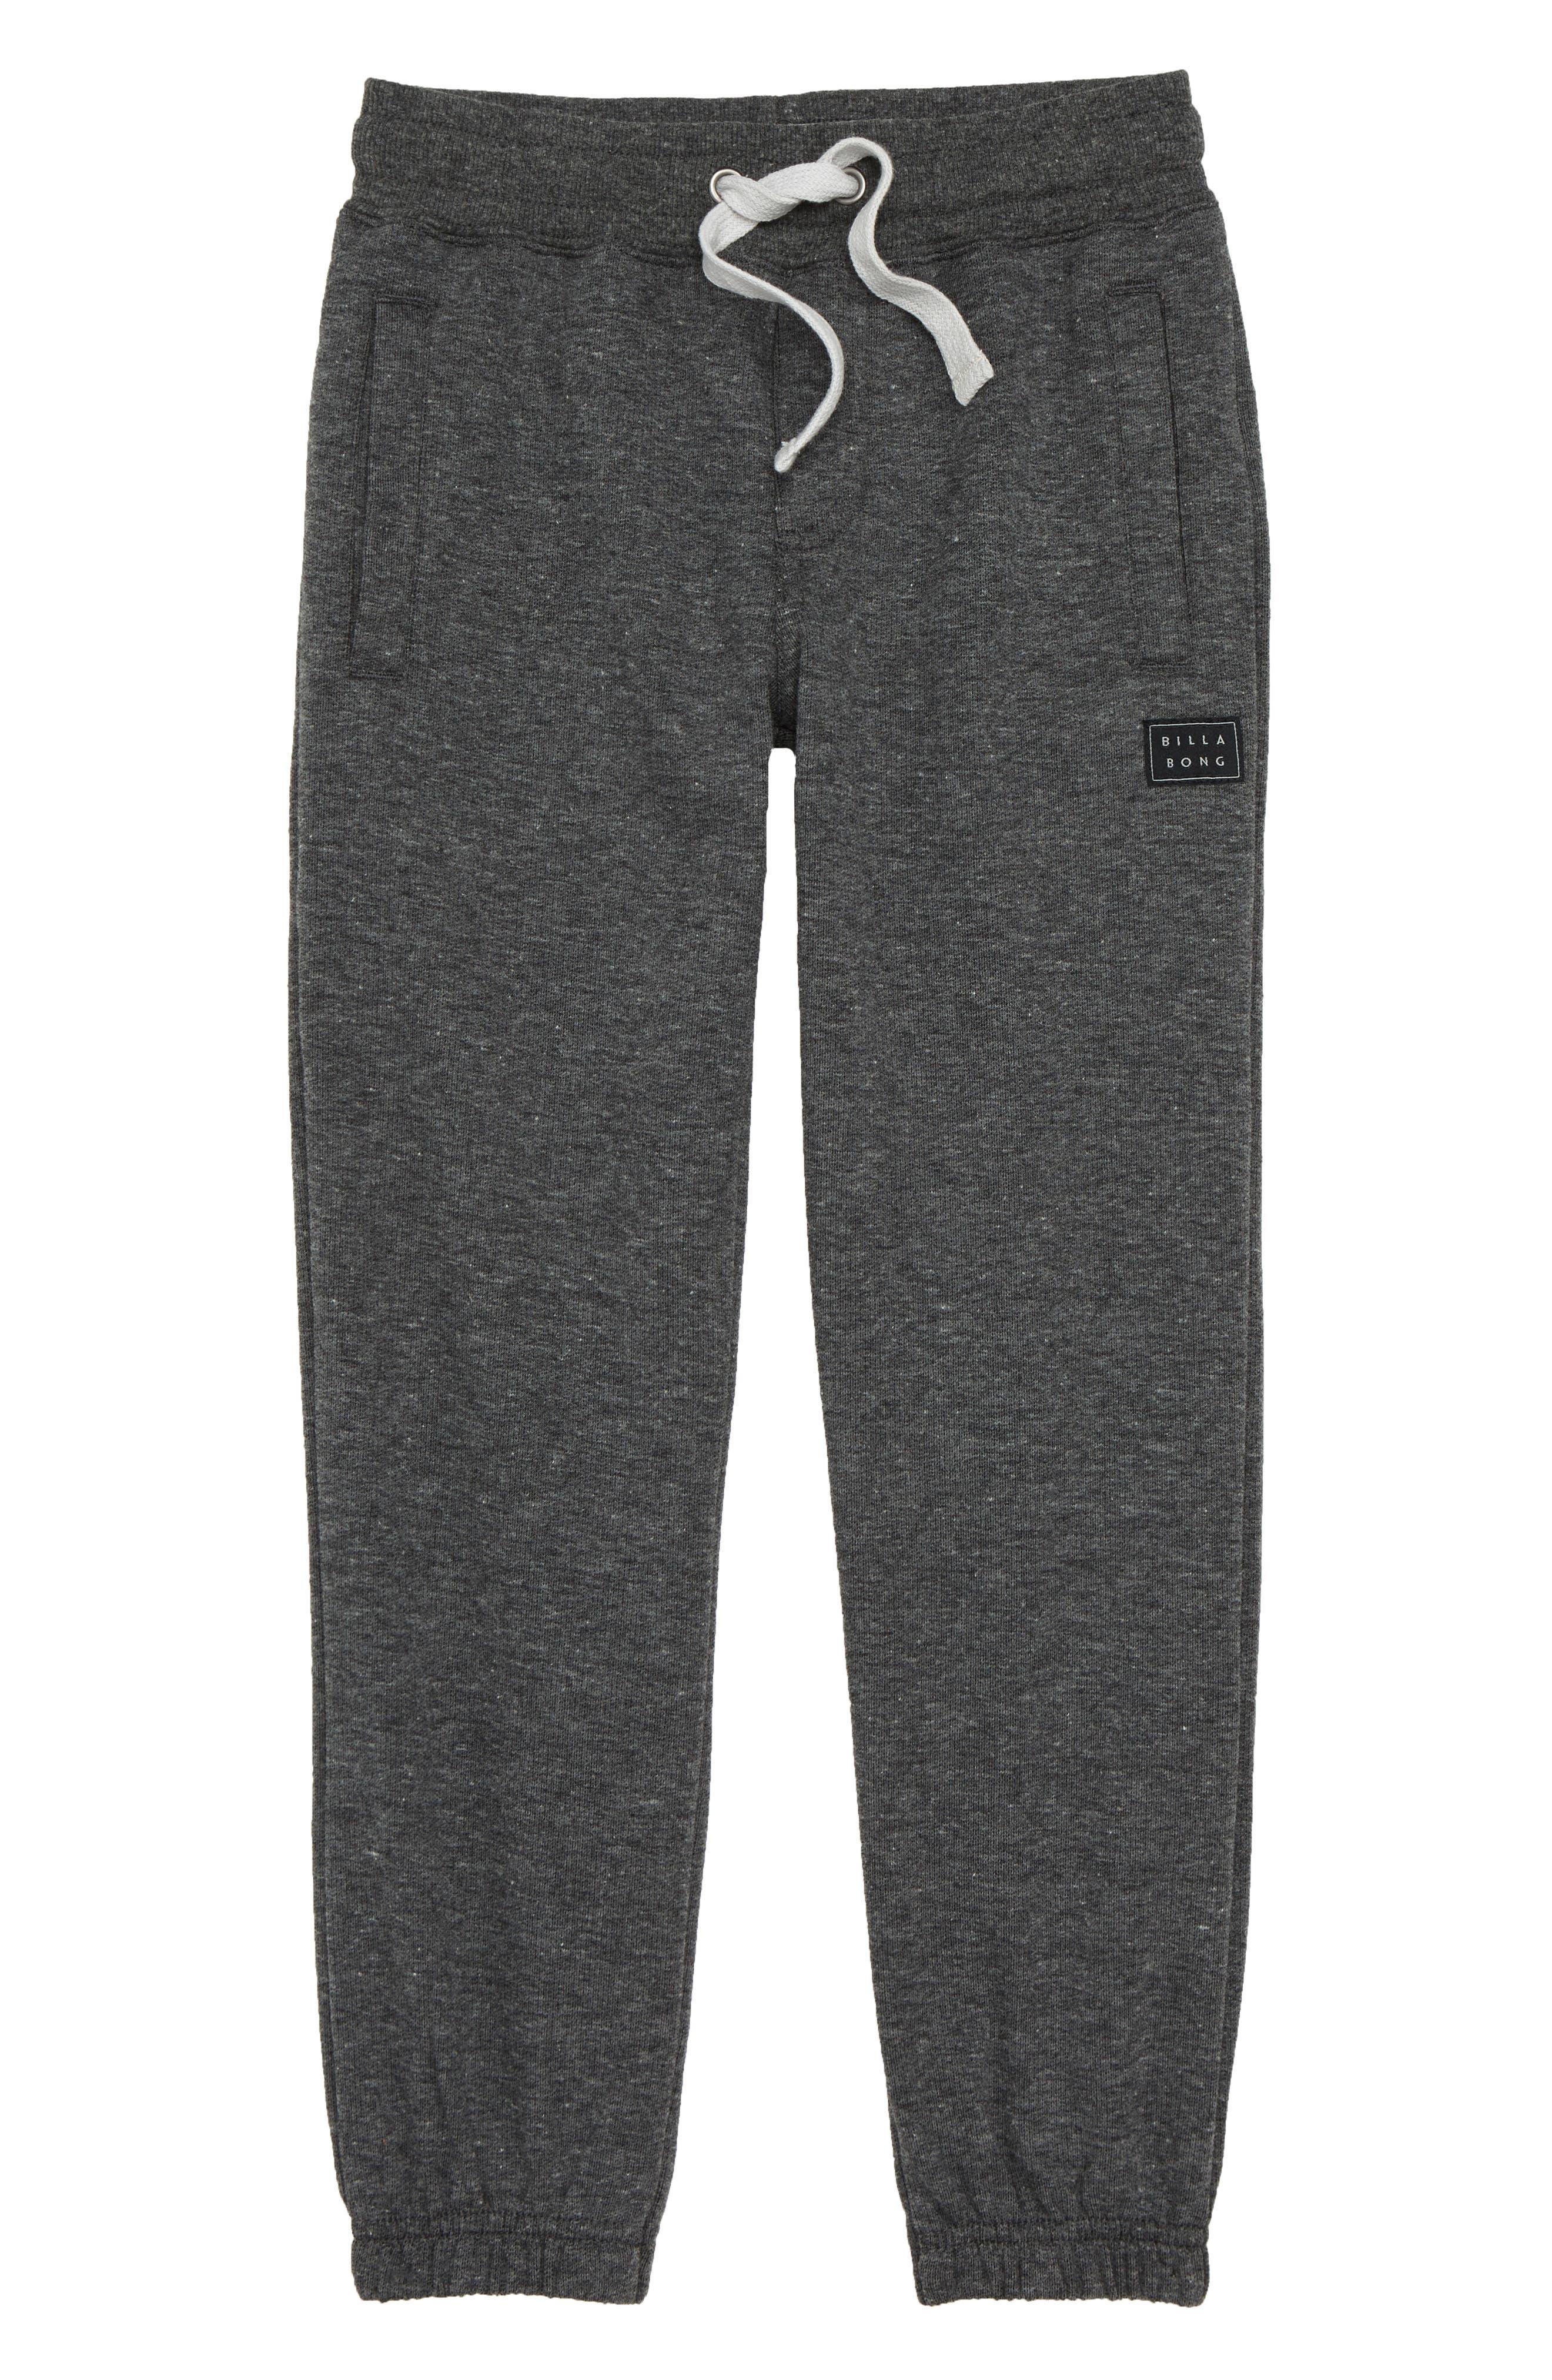 BILLABONG, All Day Sweatpants, Main thumbnail 1, color, BLACK